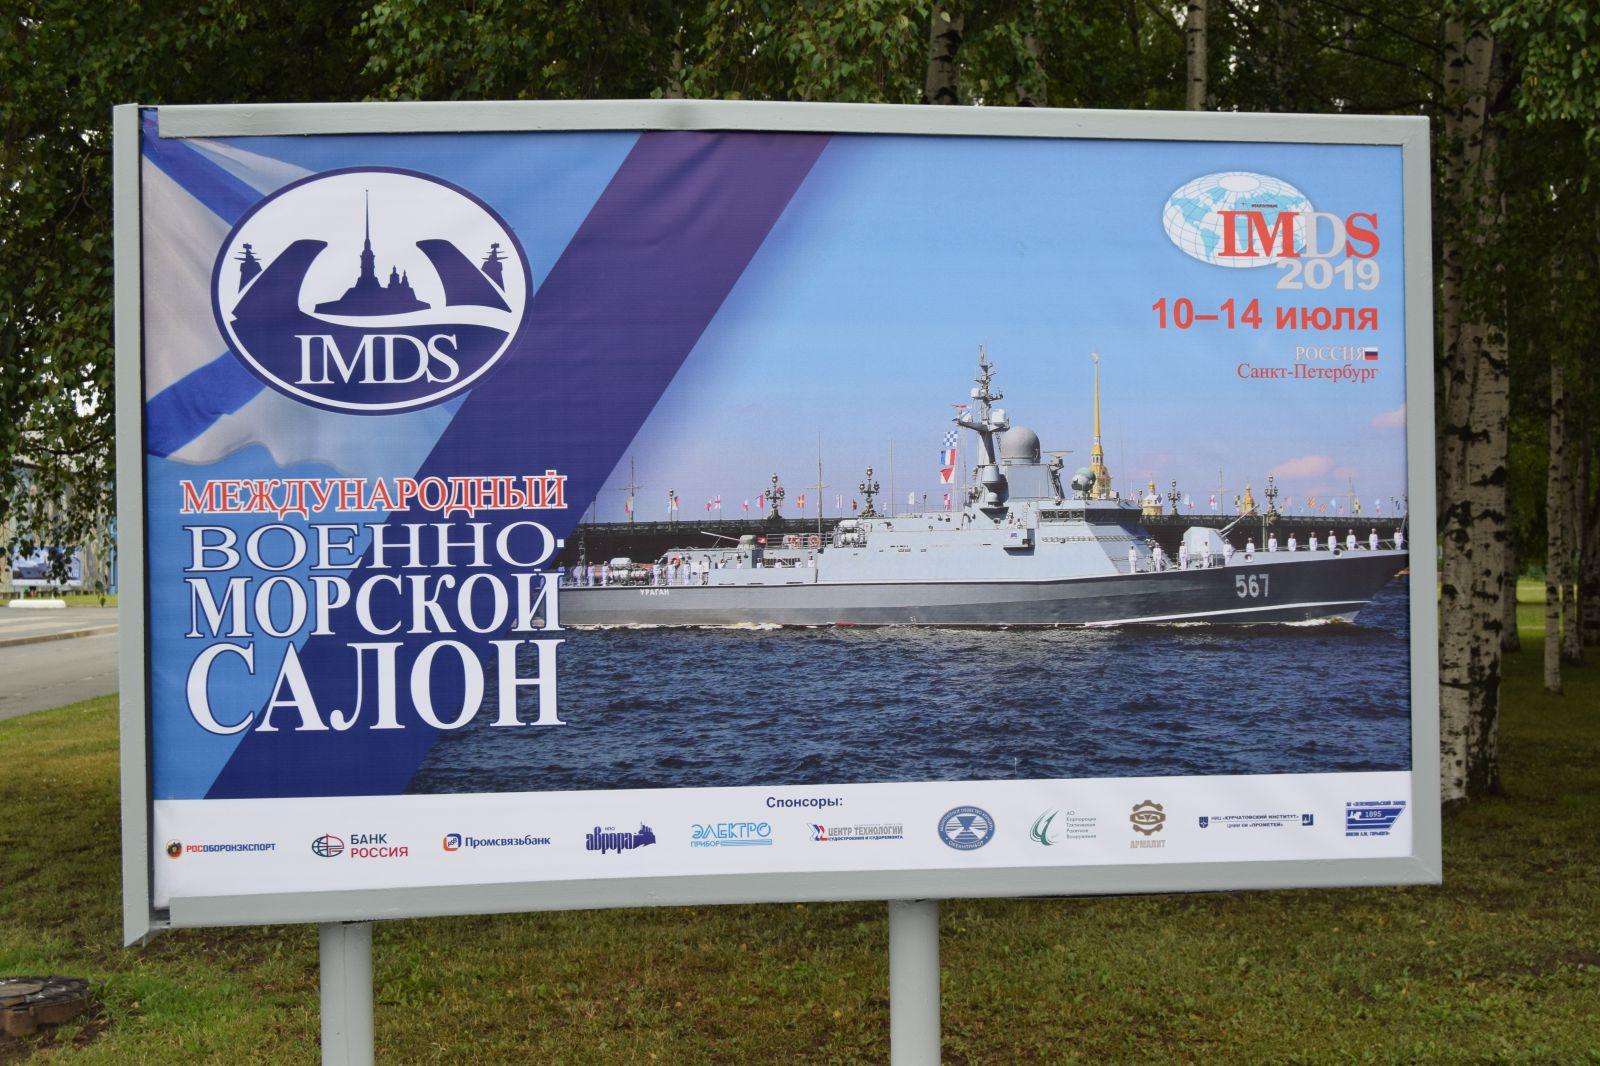 МВМС 2019 - Ракети и РЛС